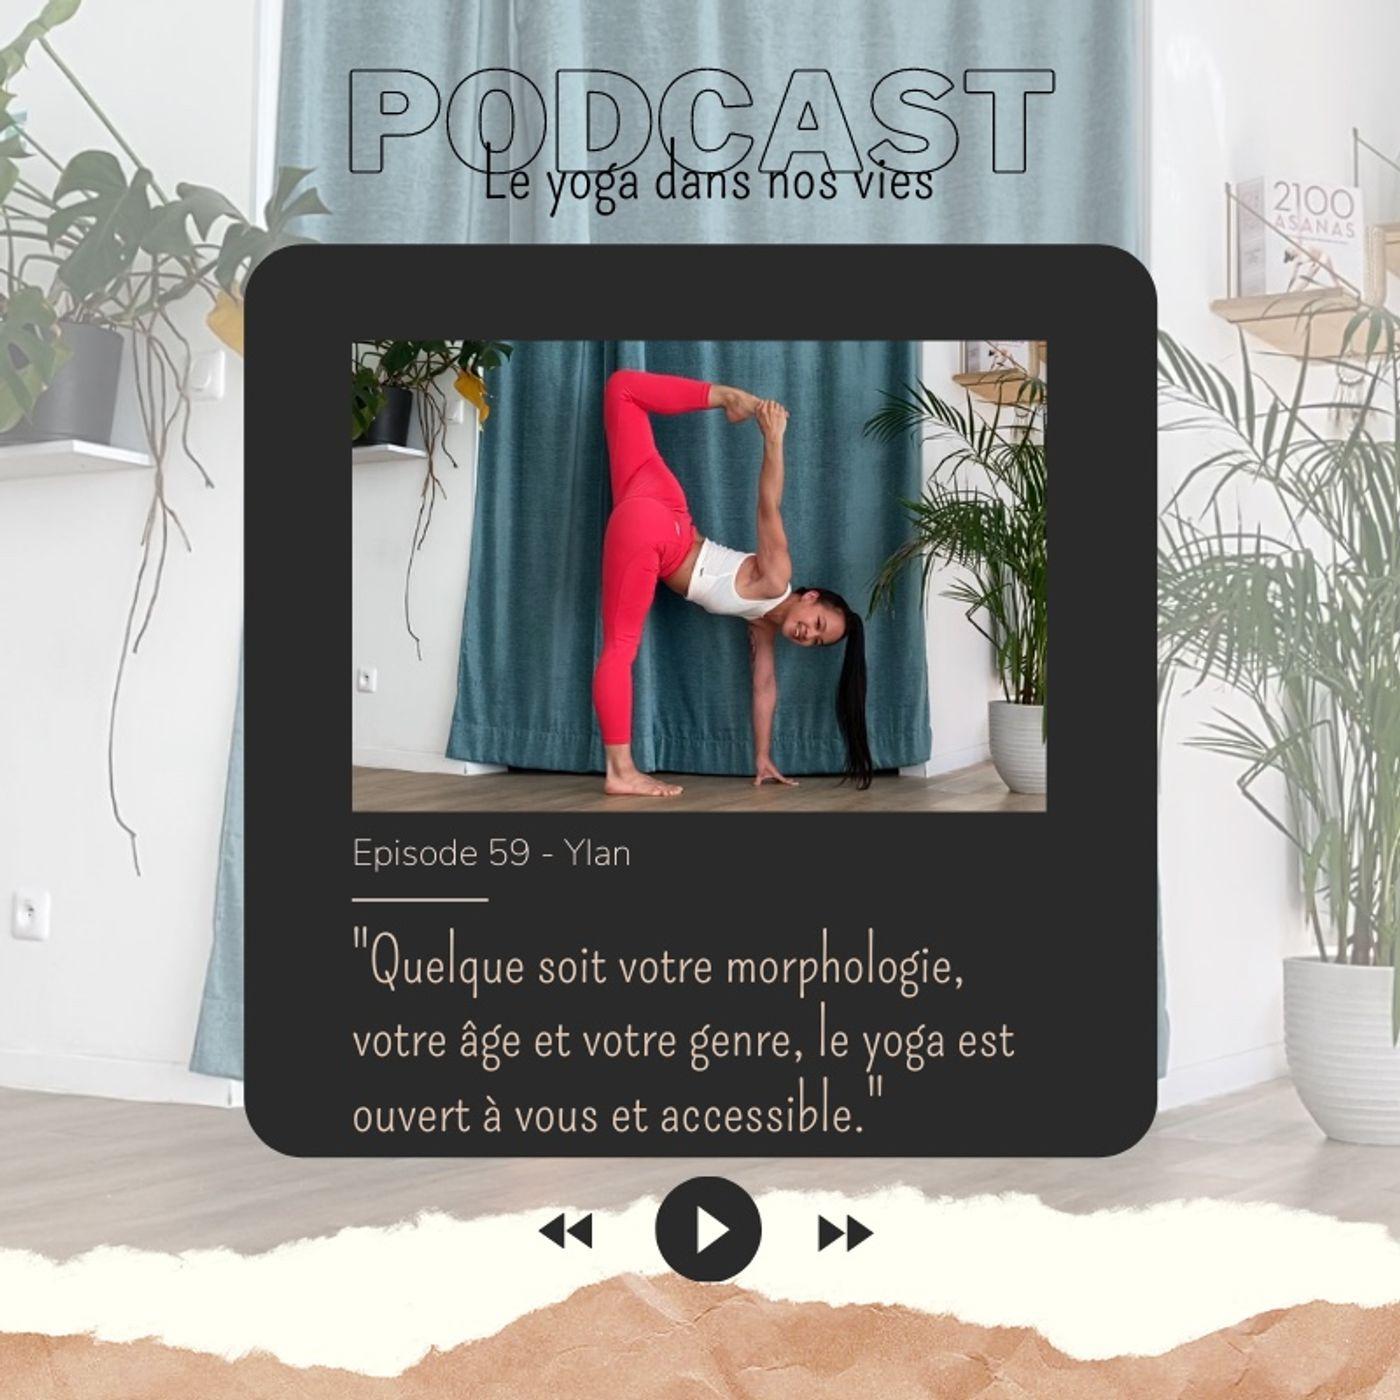 Episode 59 - Ylan